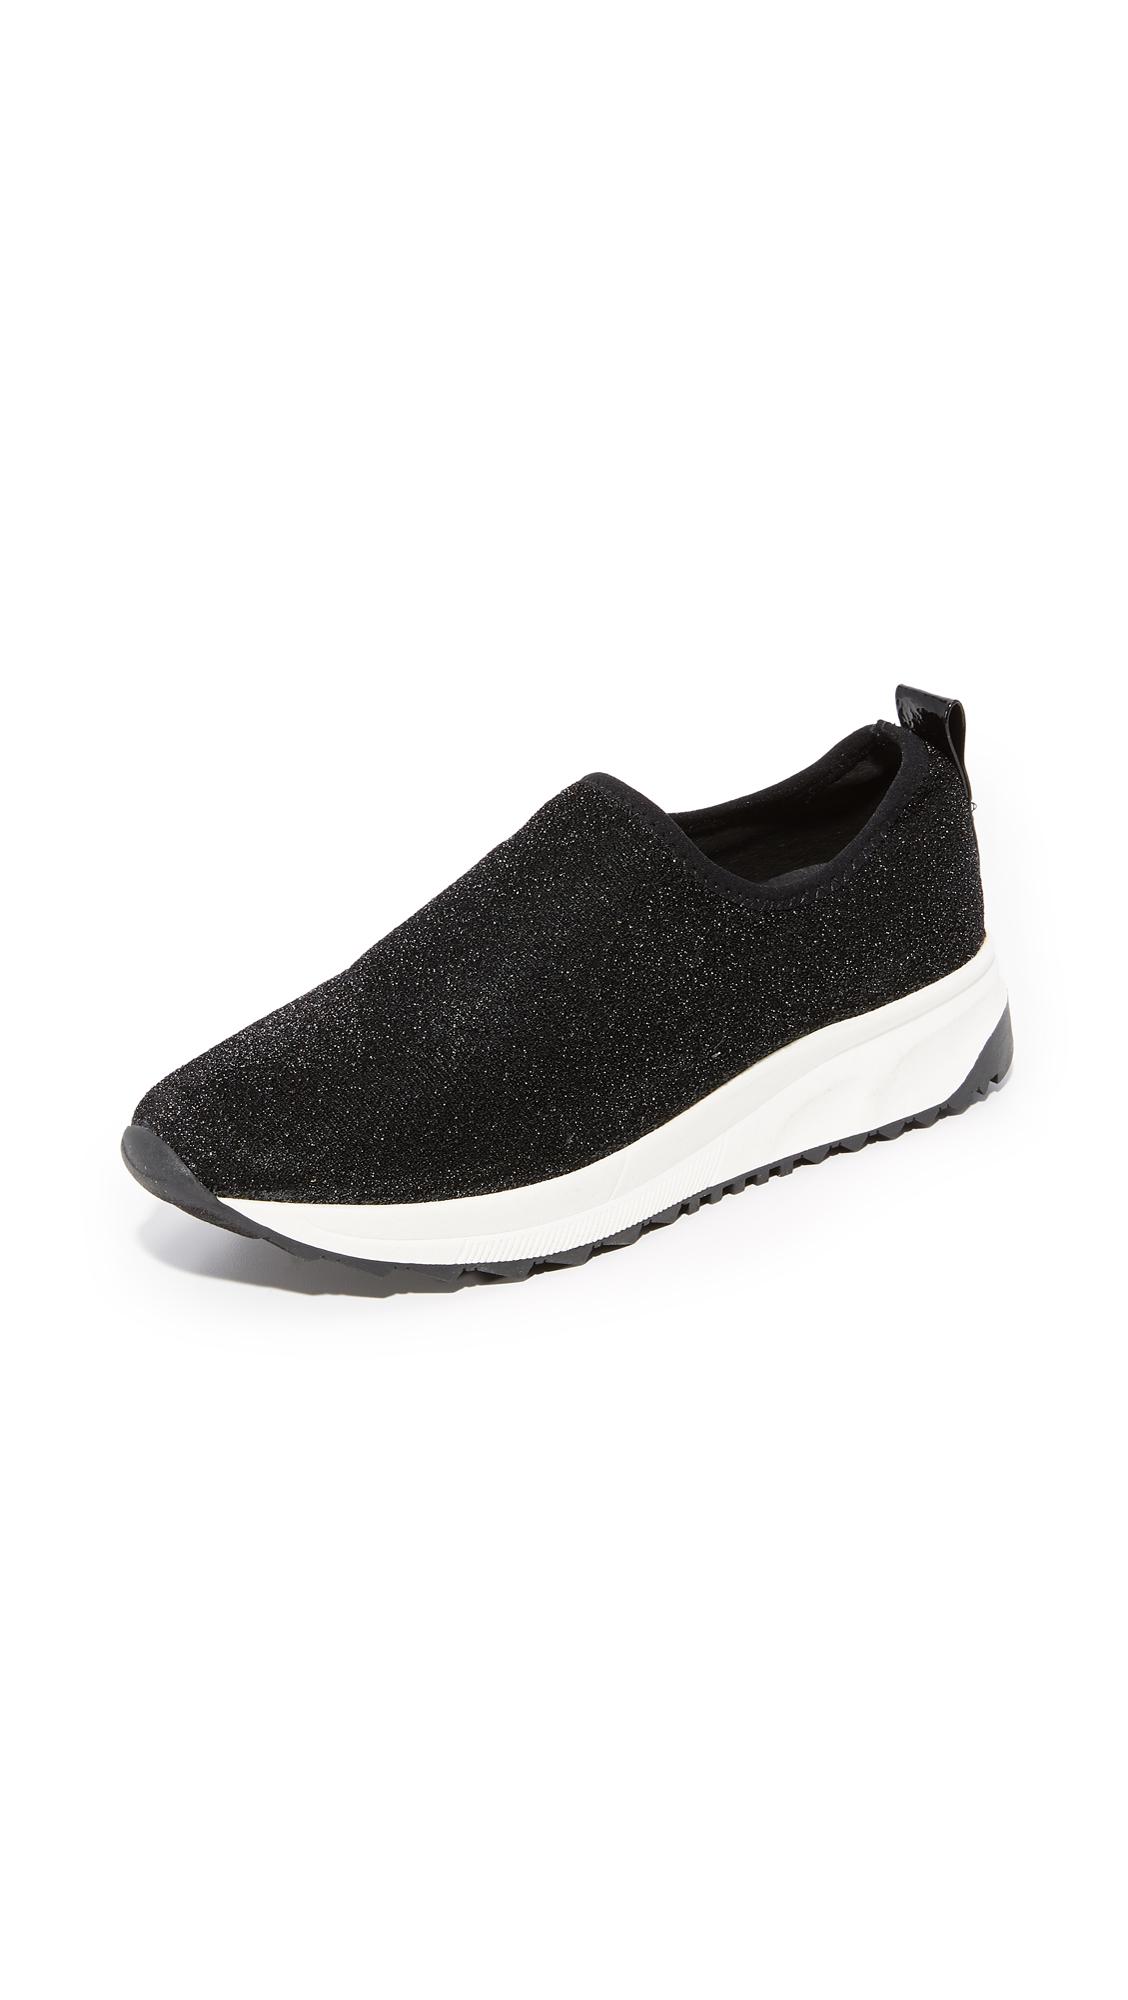 Steven NC Slate Sneakers - Black Glitter